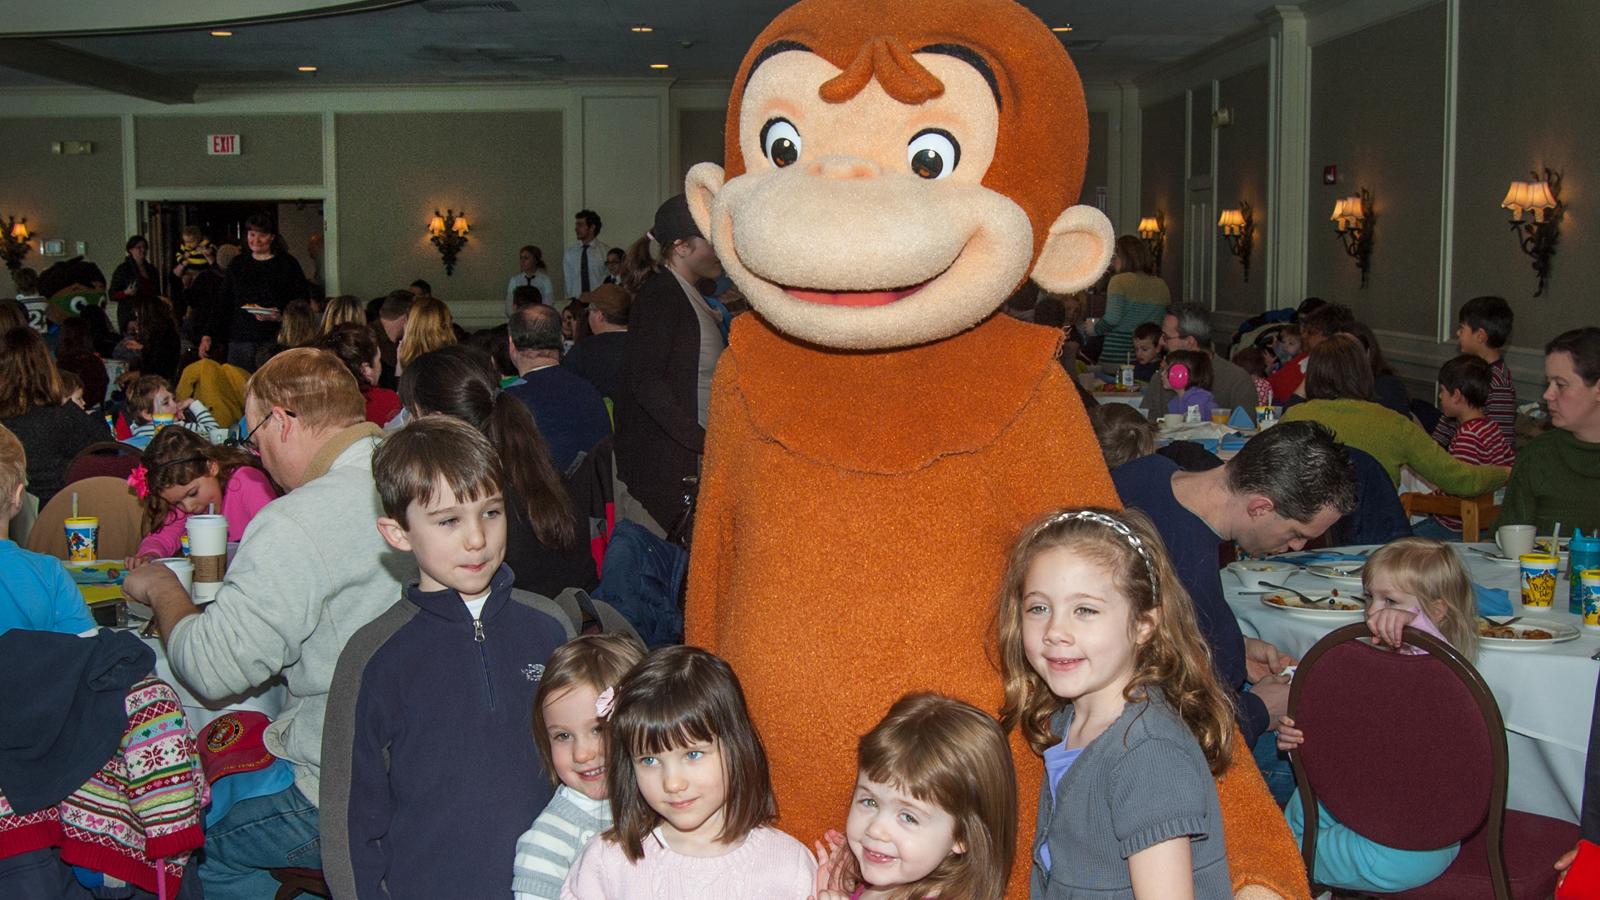 Family enjoying the Kidd Fest Character Breakfast